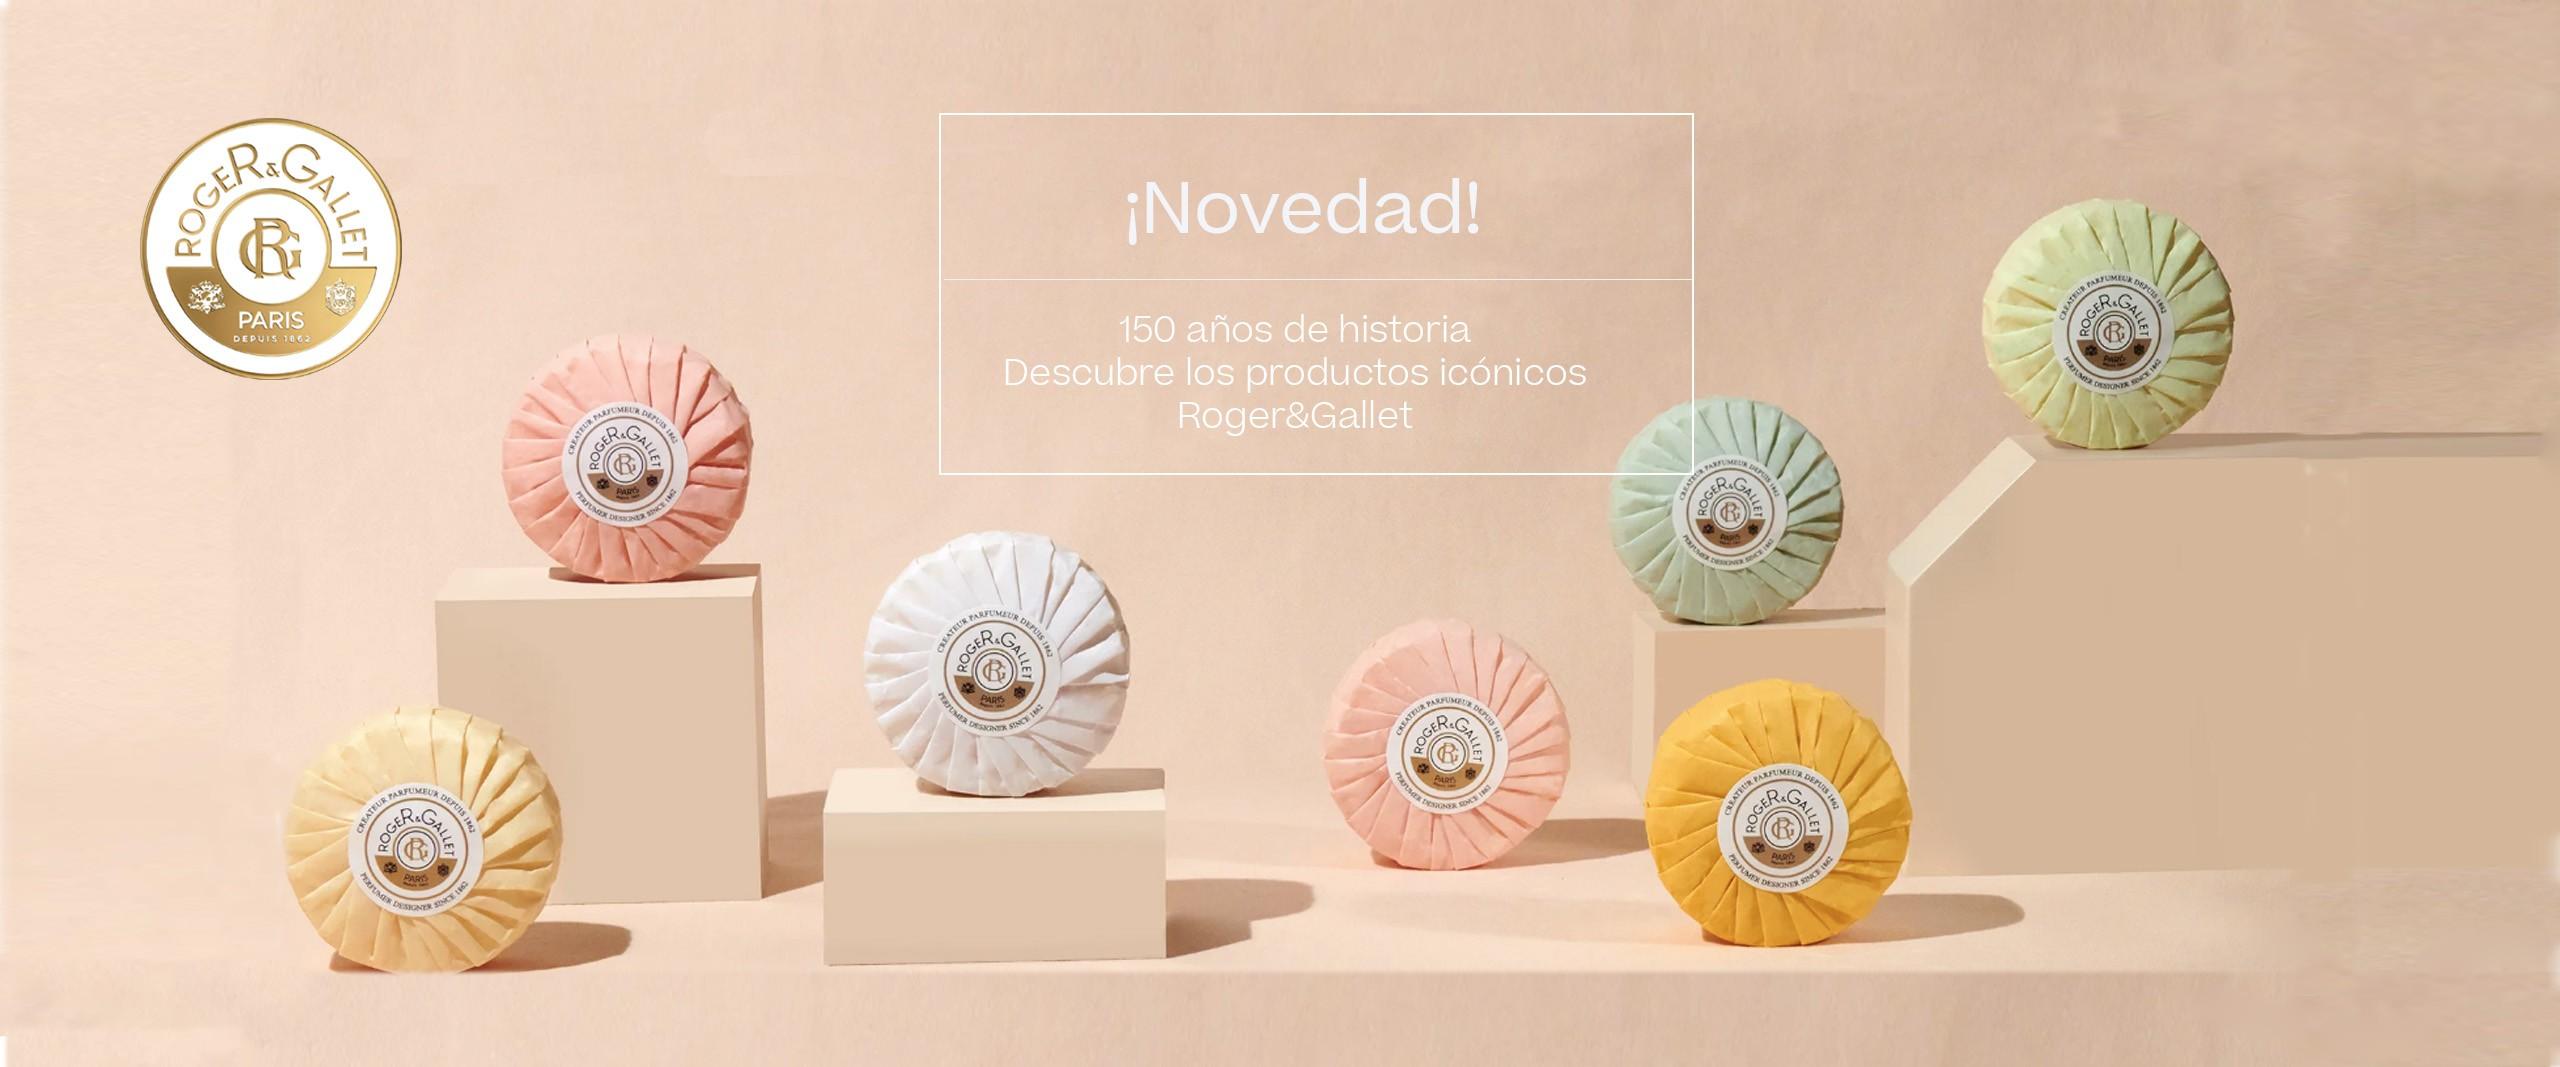 Decubre Roger & Gallet en Farmacia Sarasketa. Fragancias y jabones  creadas por maestros perfumistas franceses